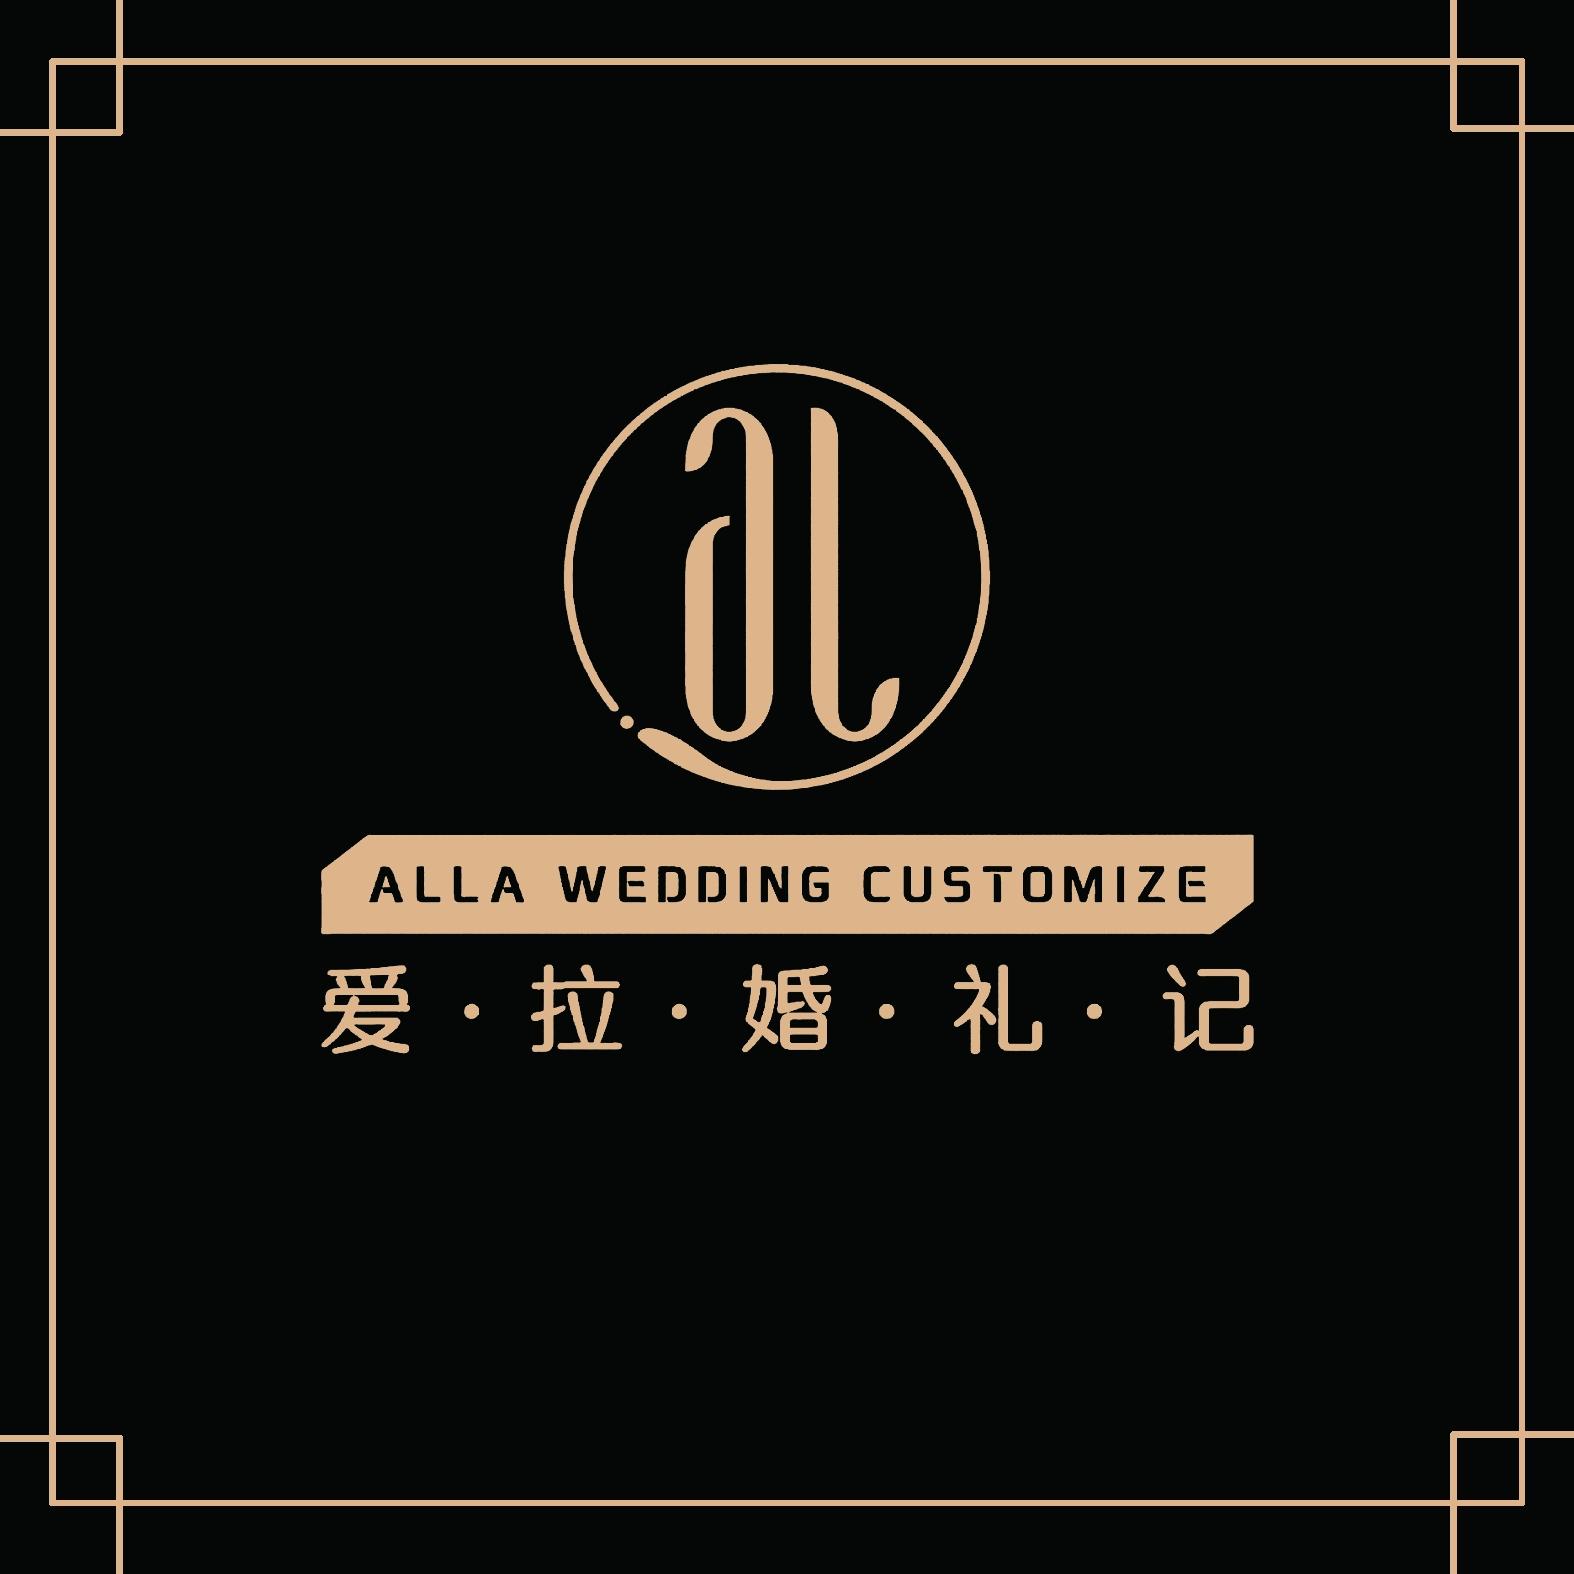 安庆市爱拉婚庆礼仪服务有限公司